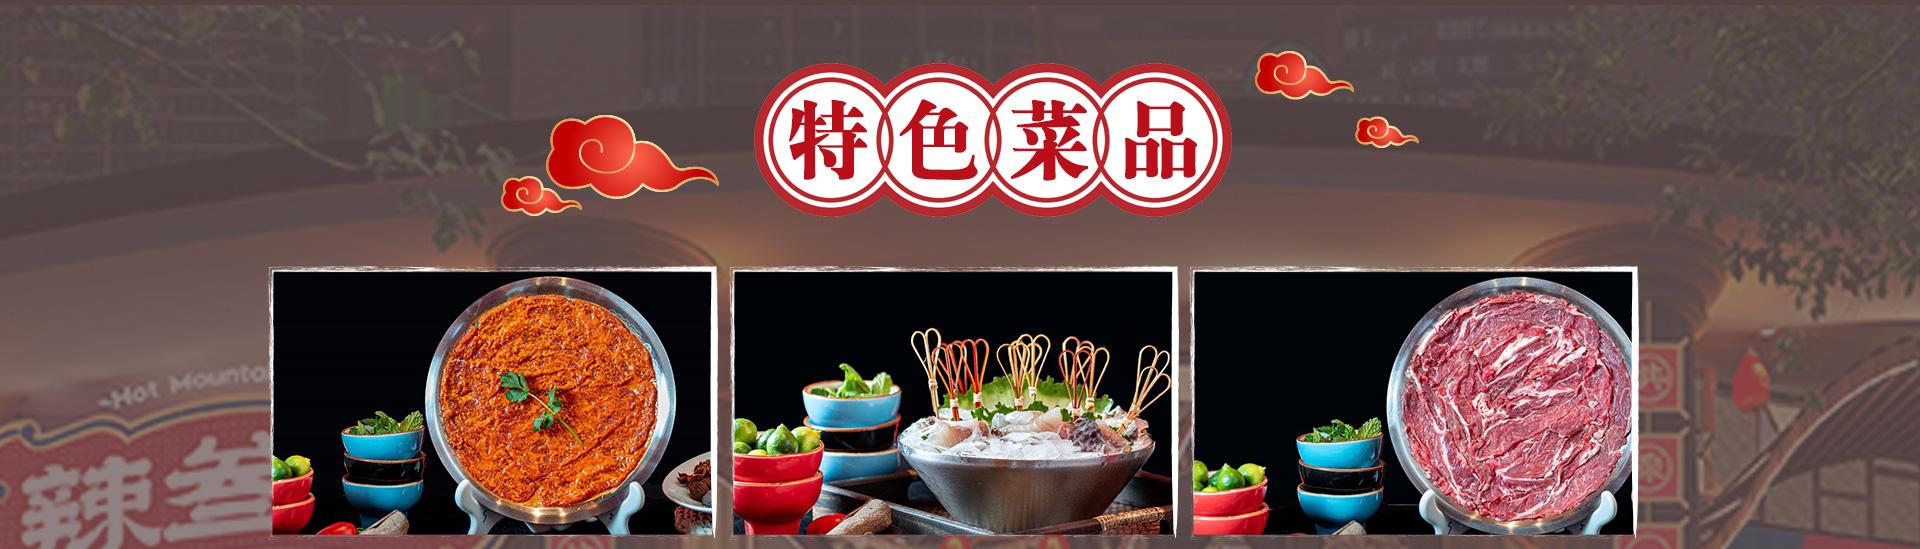 辣叁成燒菜火鍋lsc_05